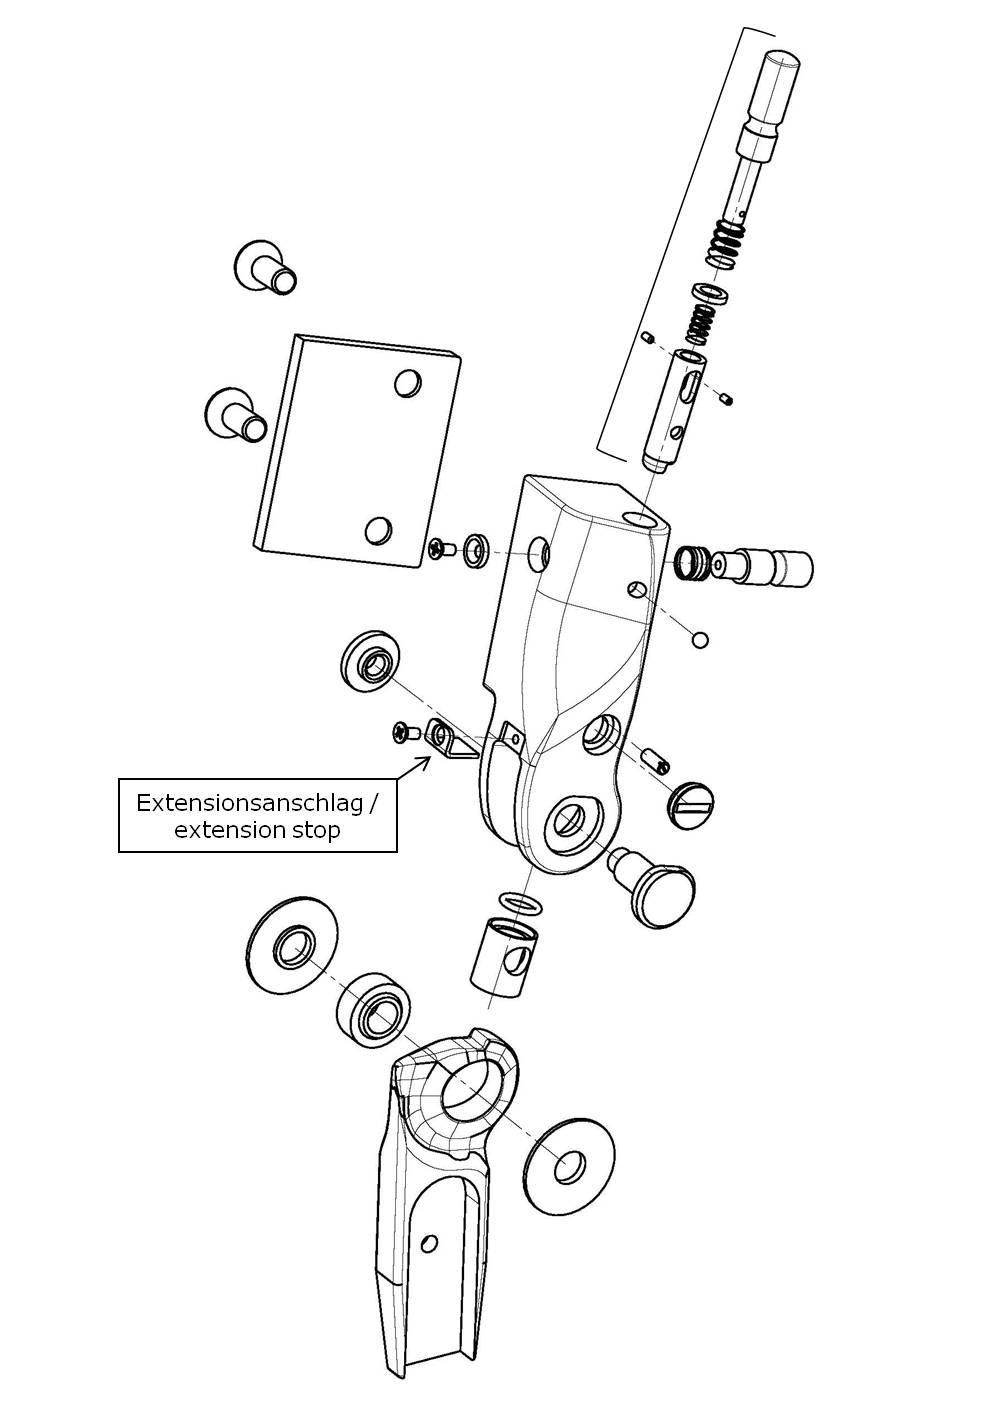 Extensionsanschlag für das Salera preselect 3-D Hüftgelenk